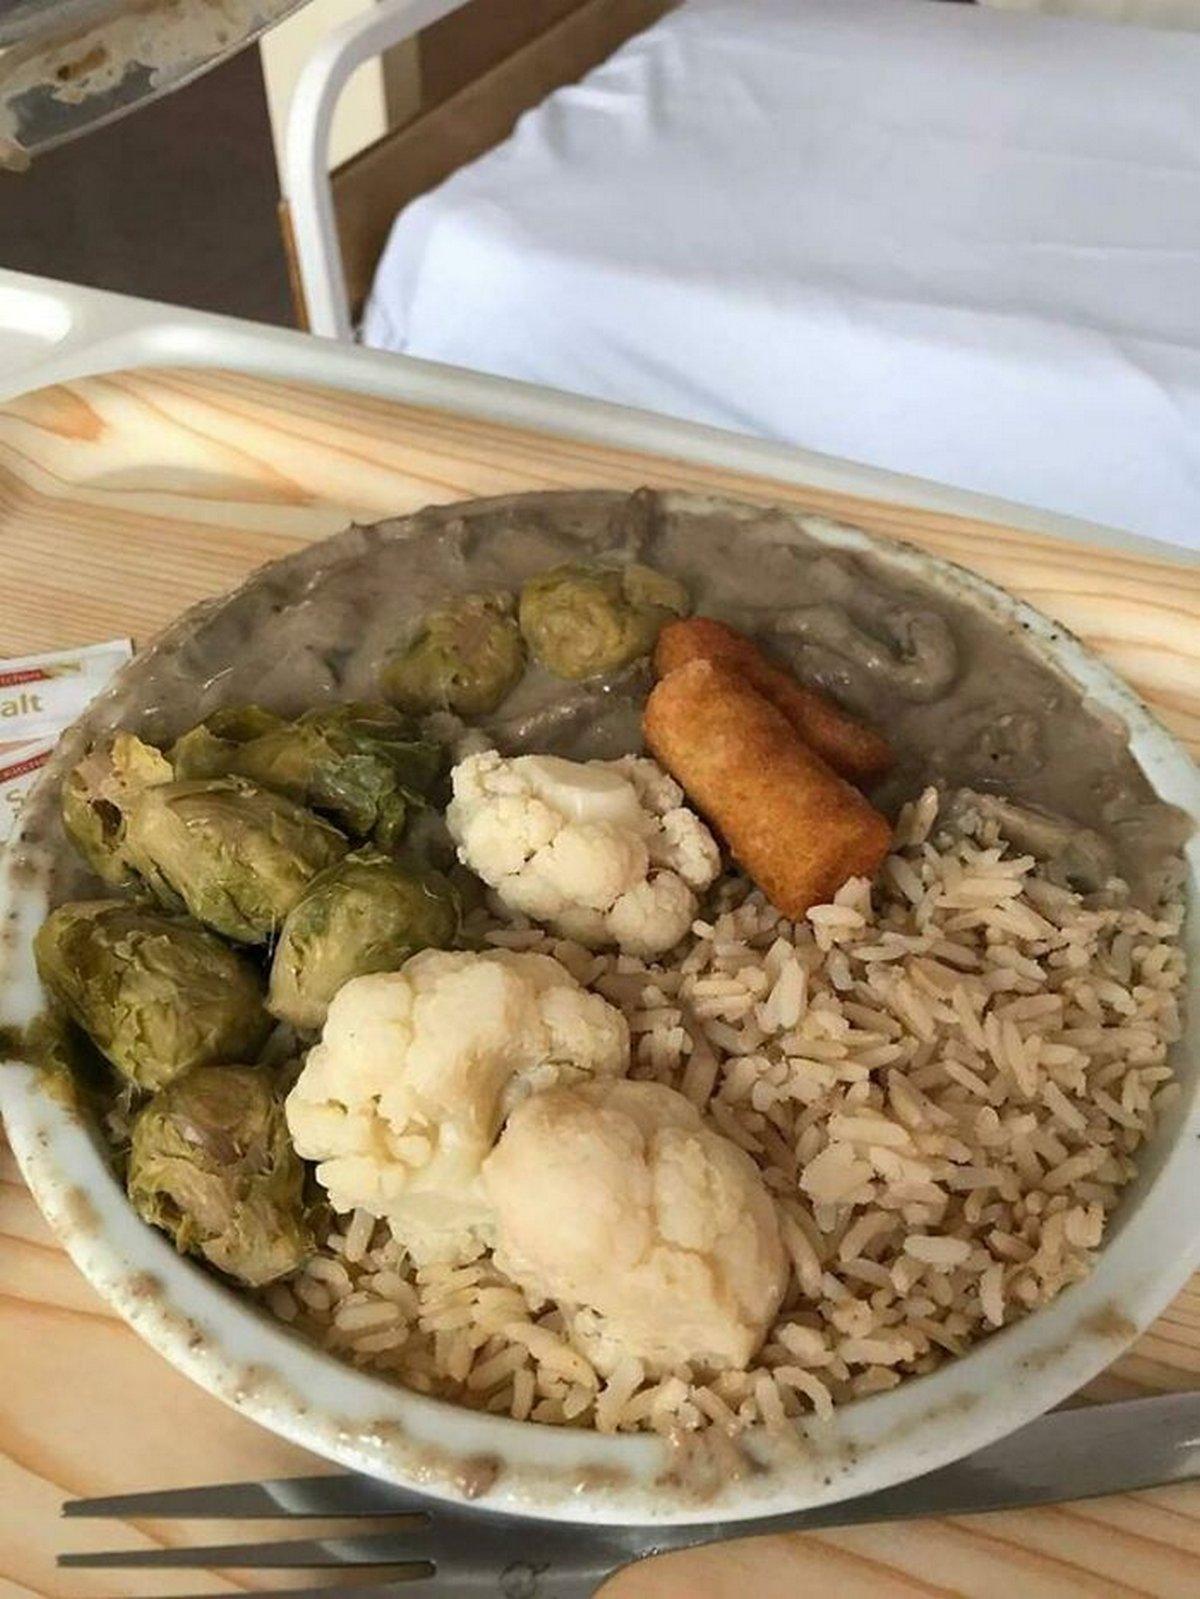 Ces gens ont reçu de la nourriture d'hôpital si dégoûtante qu'ils ont décidé de partager des photos en ligne